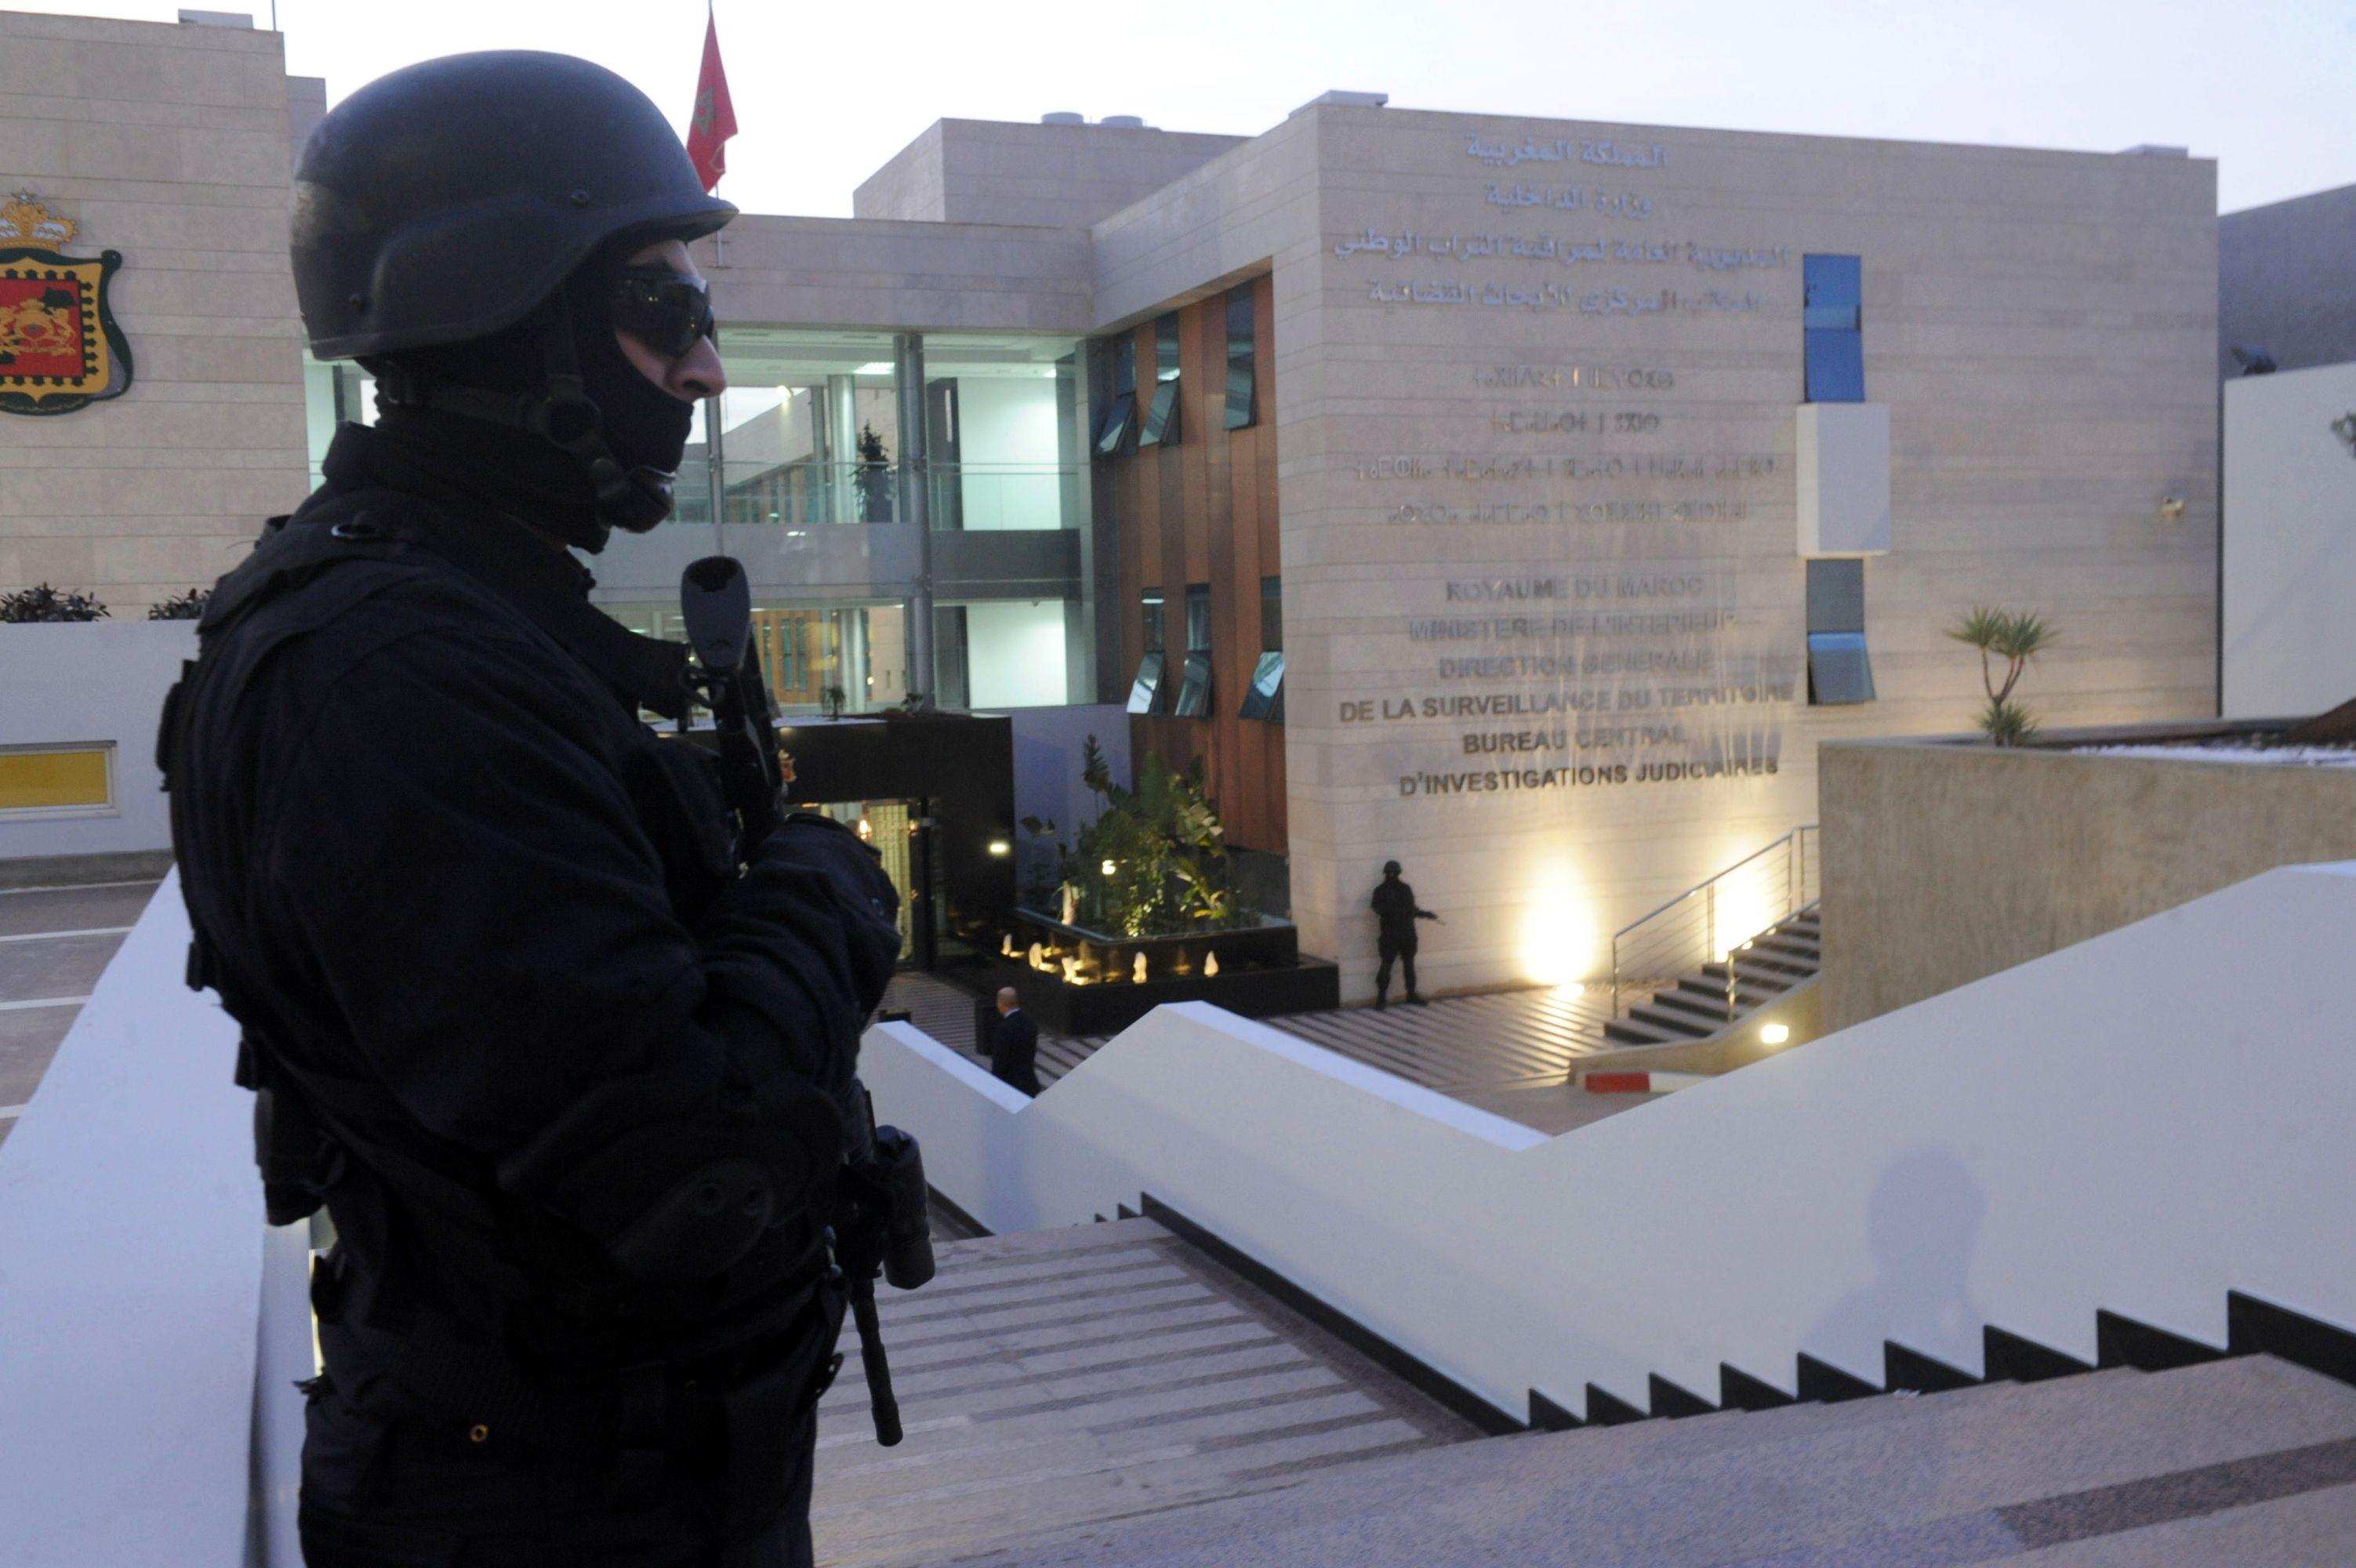 المكتب المركزي للأبحاث القضائية يكشف استراتيجية المغرب لمكافحة الإرهاب